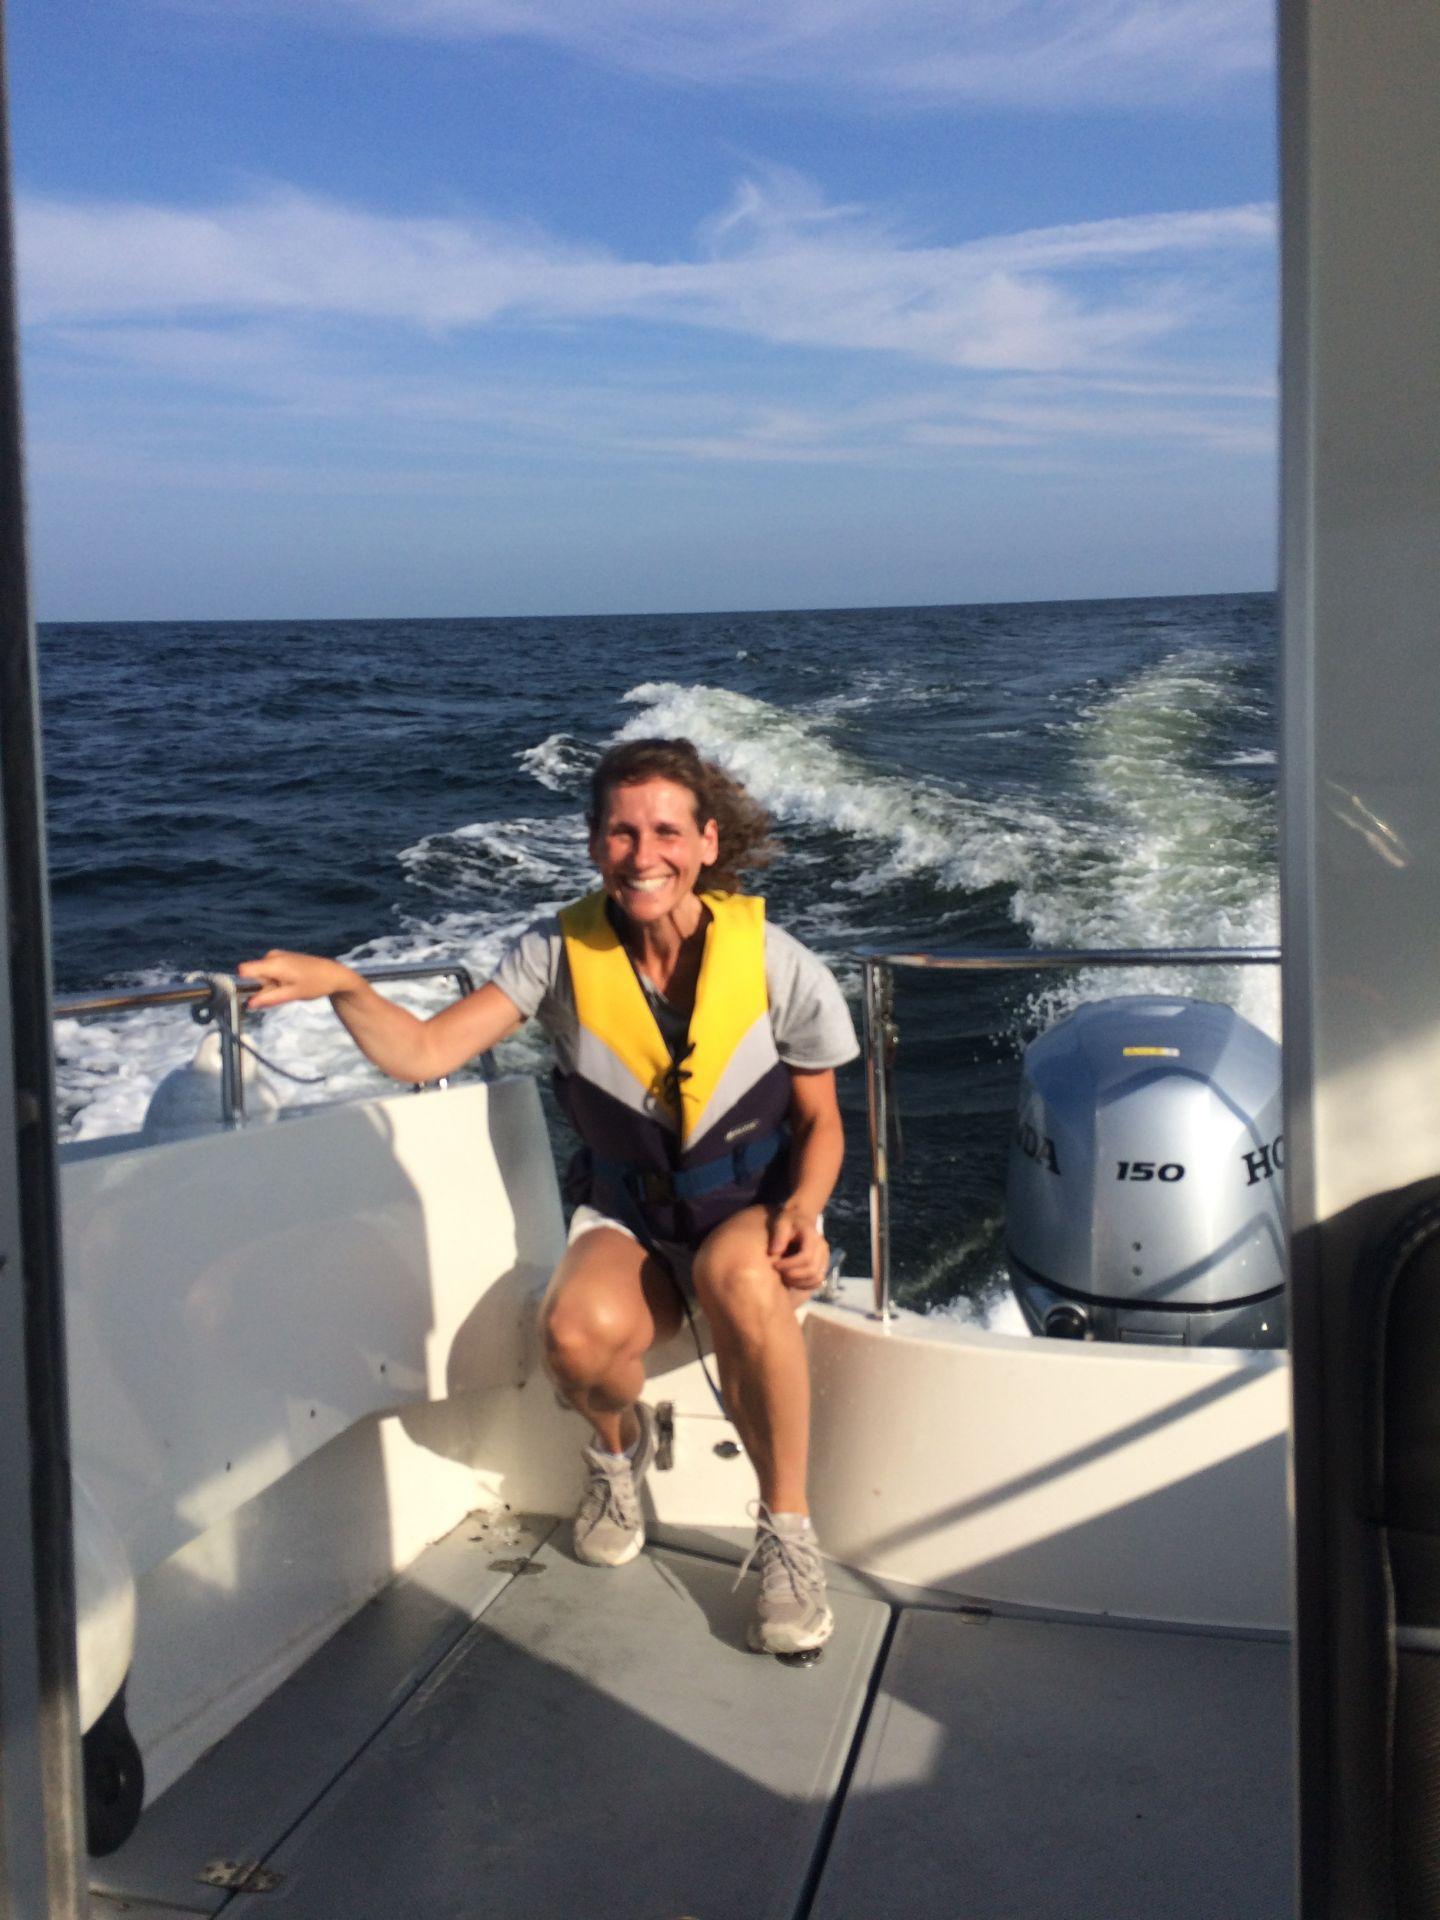 Igår utsatte jag mig för en tillfällig stressituation - åkte motorbåt över Finska viken!